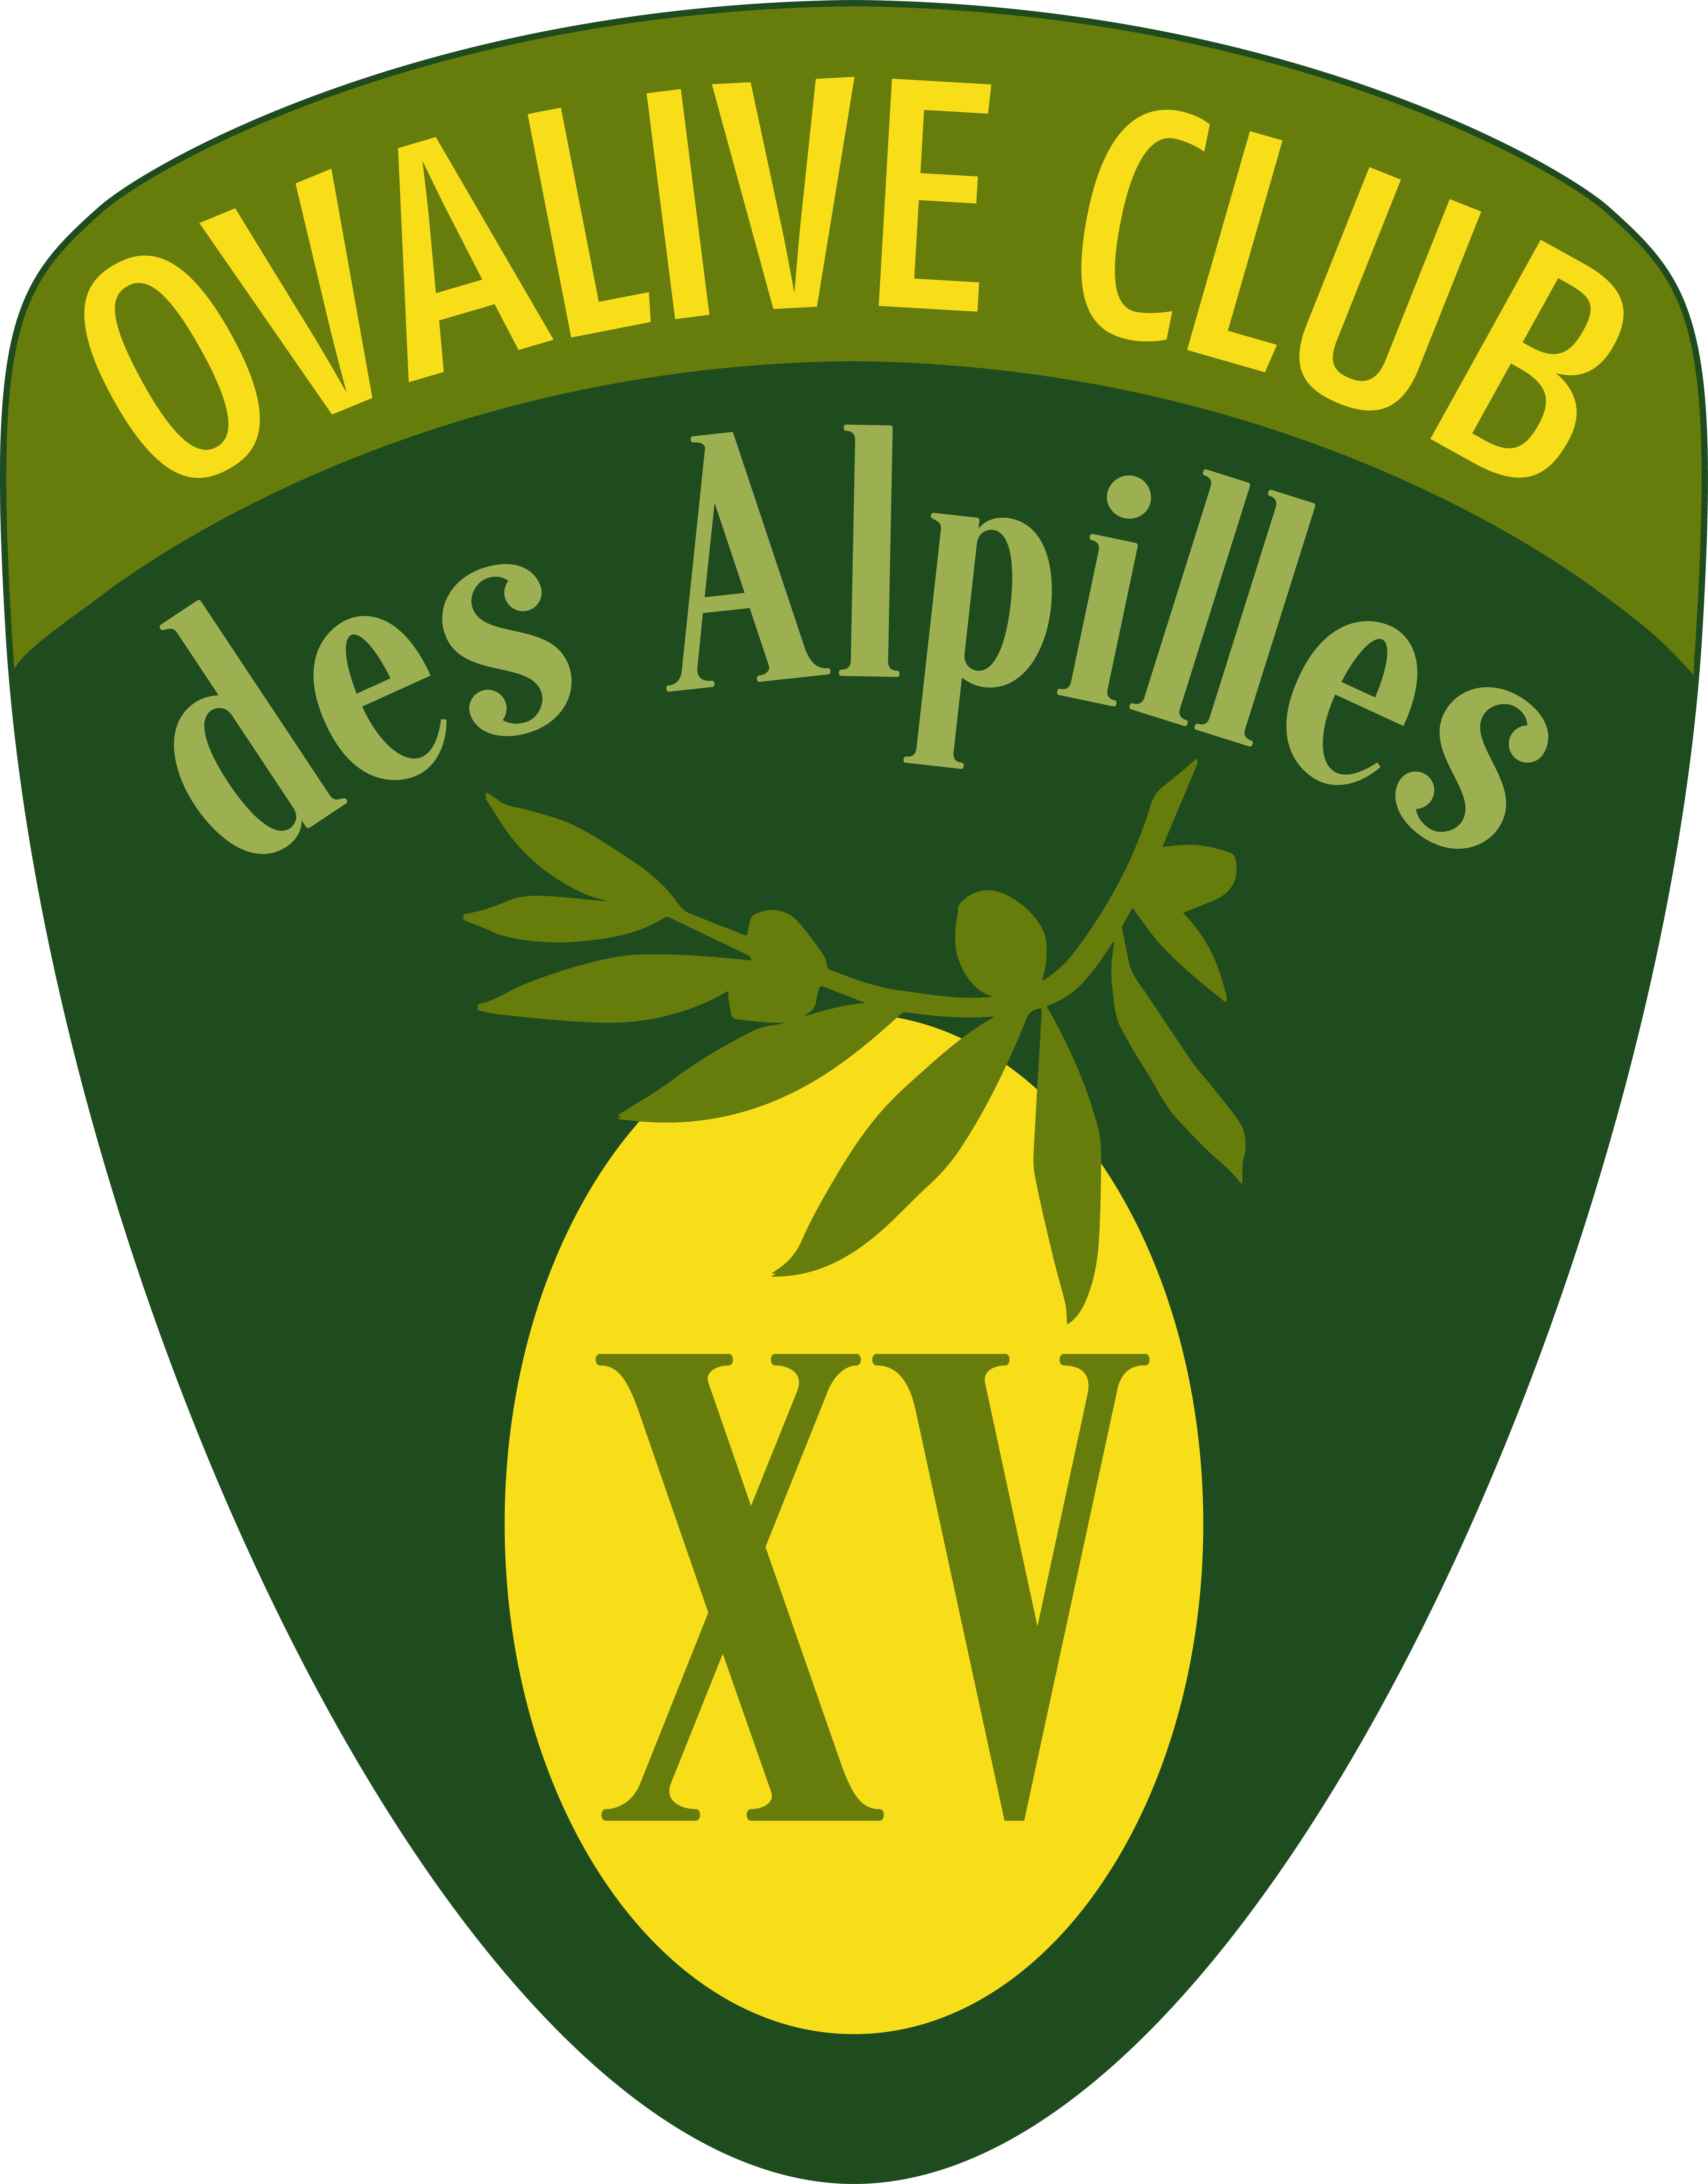 logo_ovalive